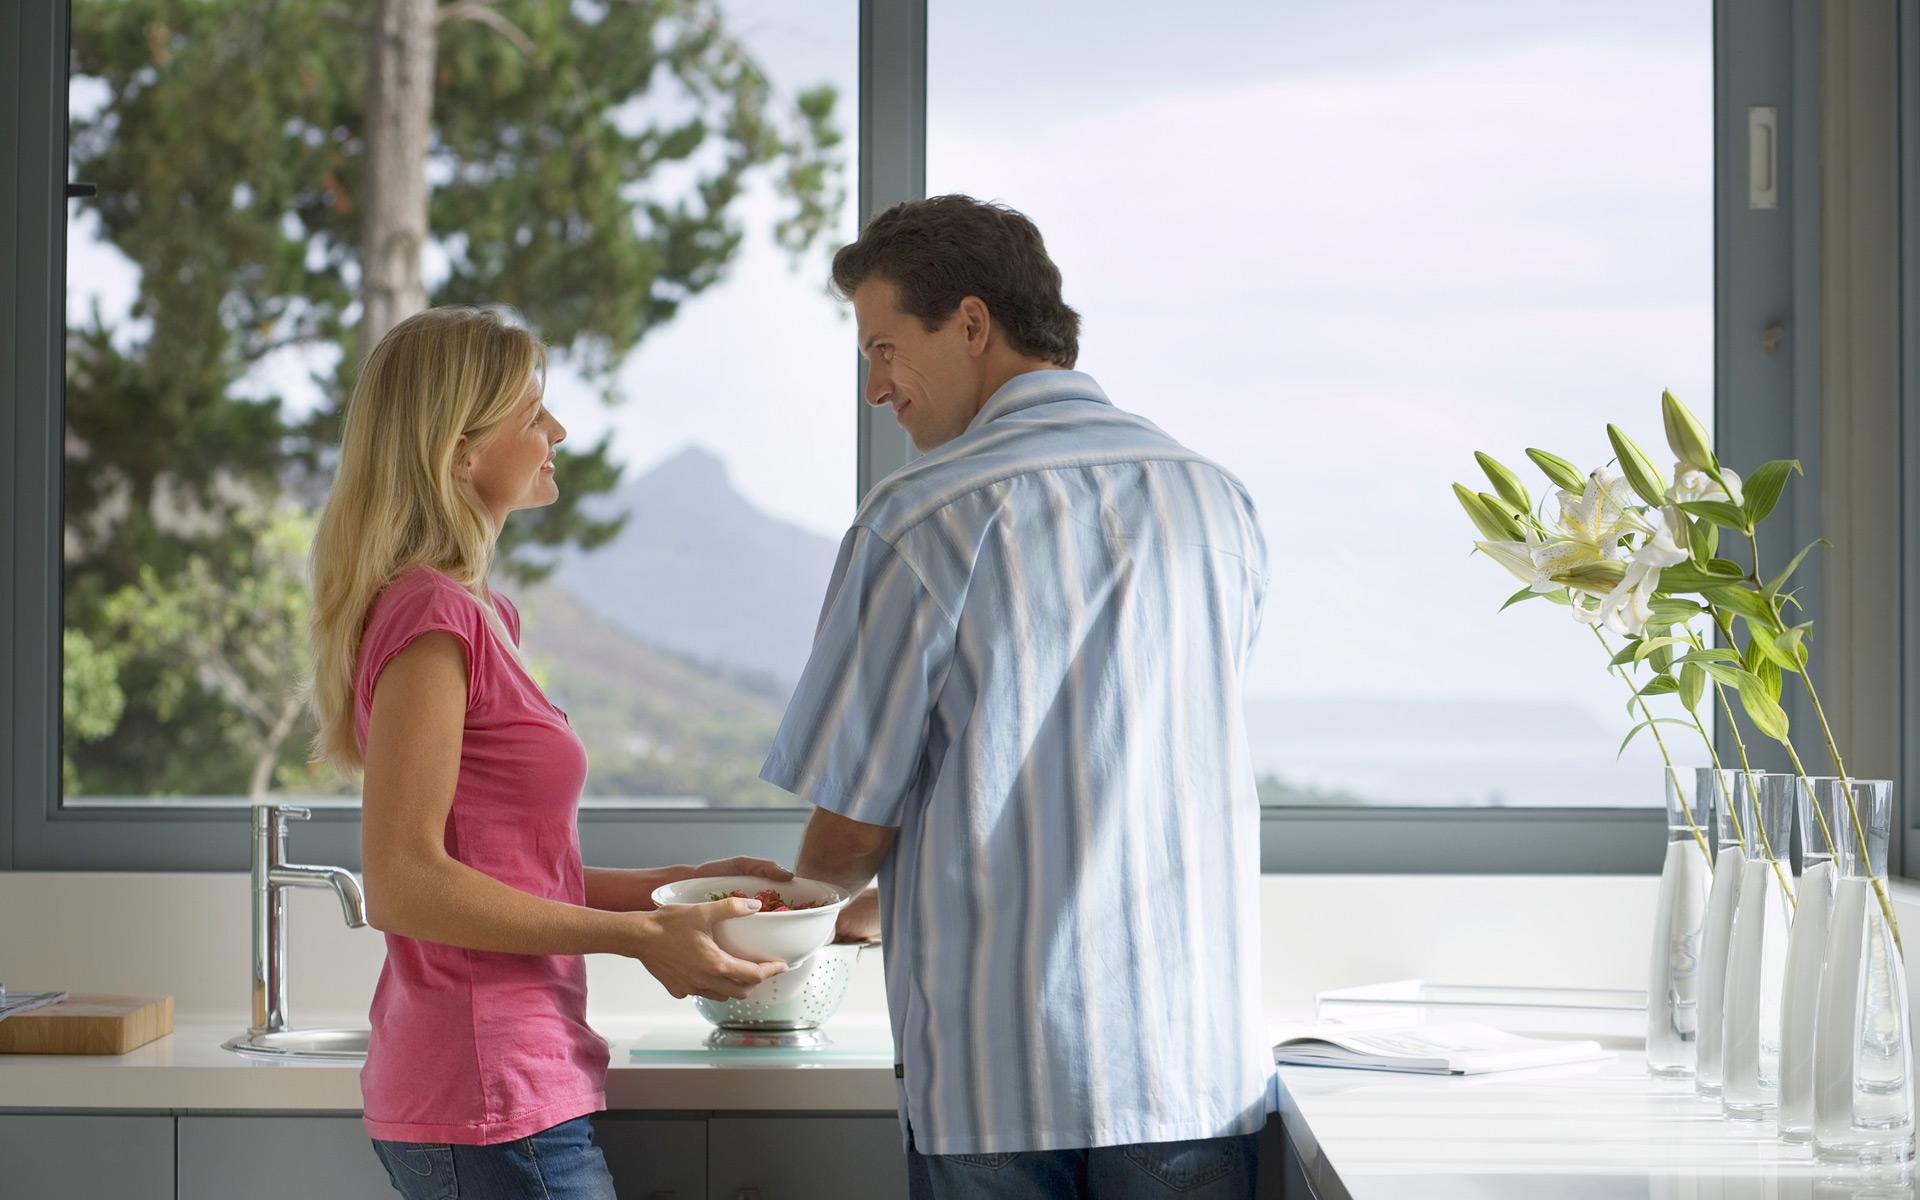 holz aluminiumfenster peine fenster fenster und t ren zum tr umen. Black Bedroom Furniture Sets. Home Design Ideas